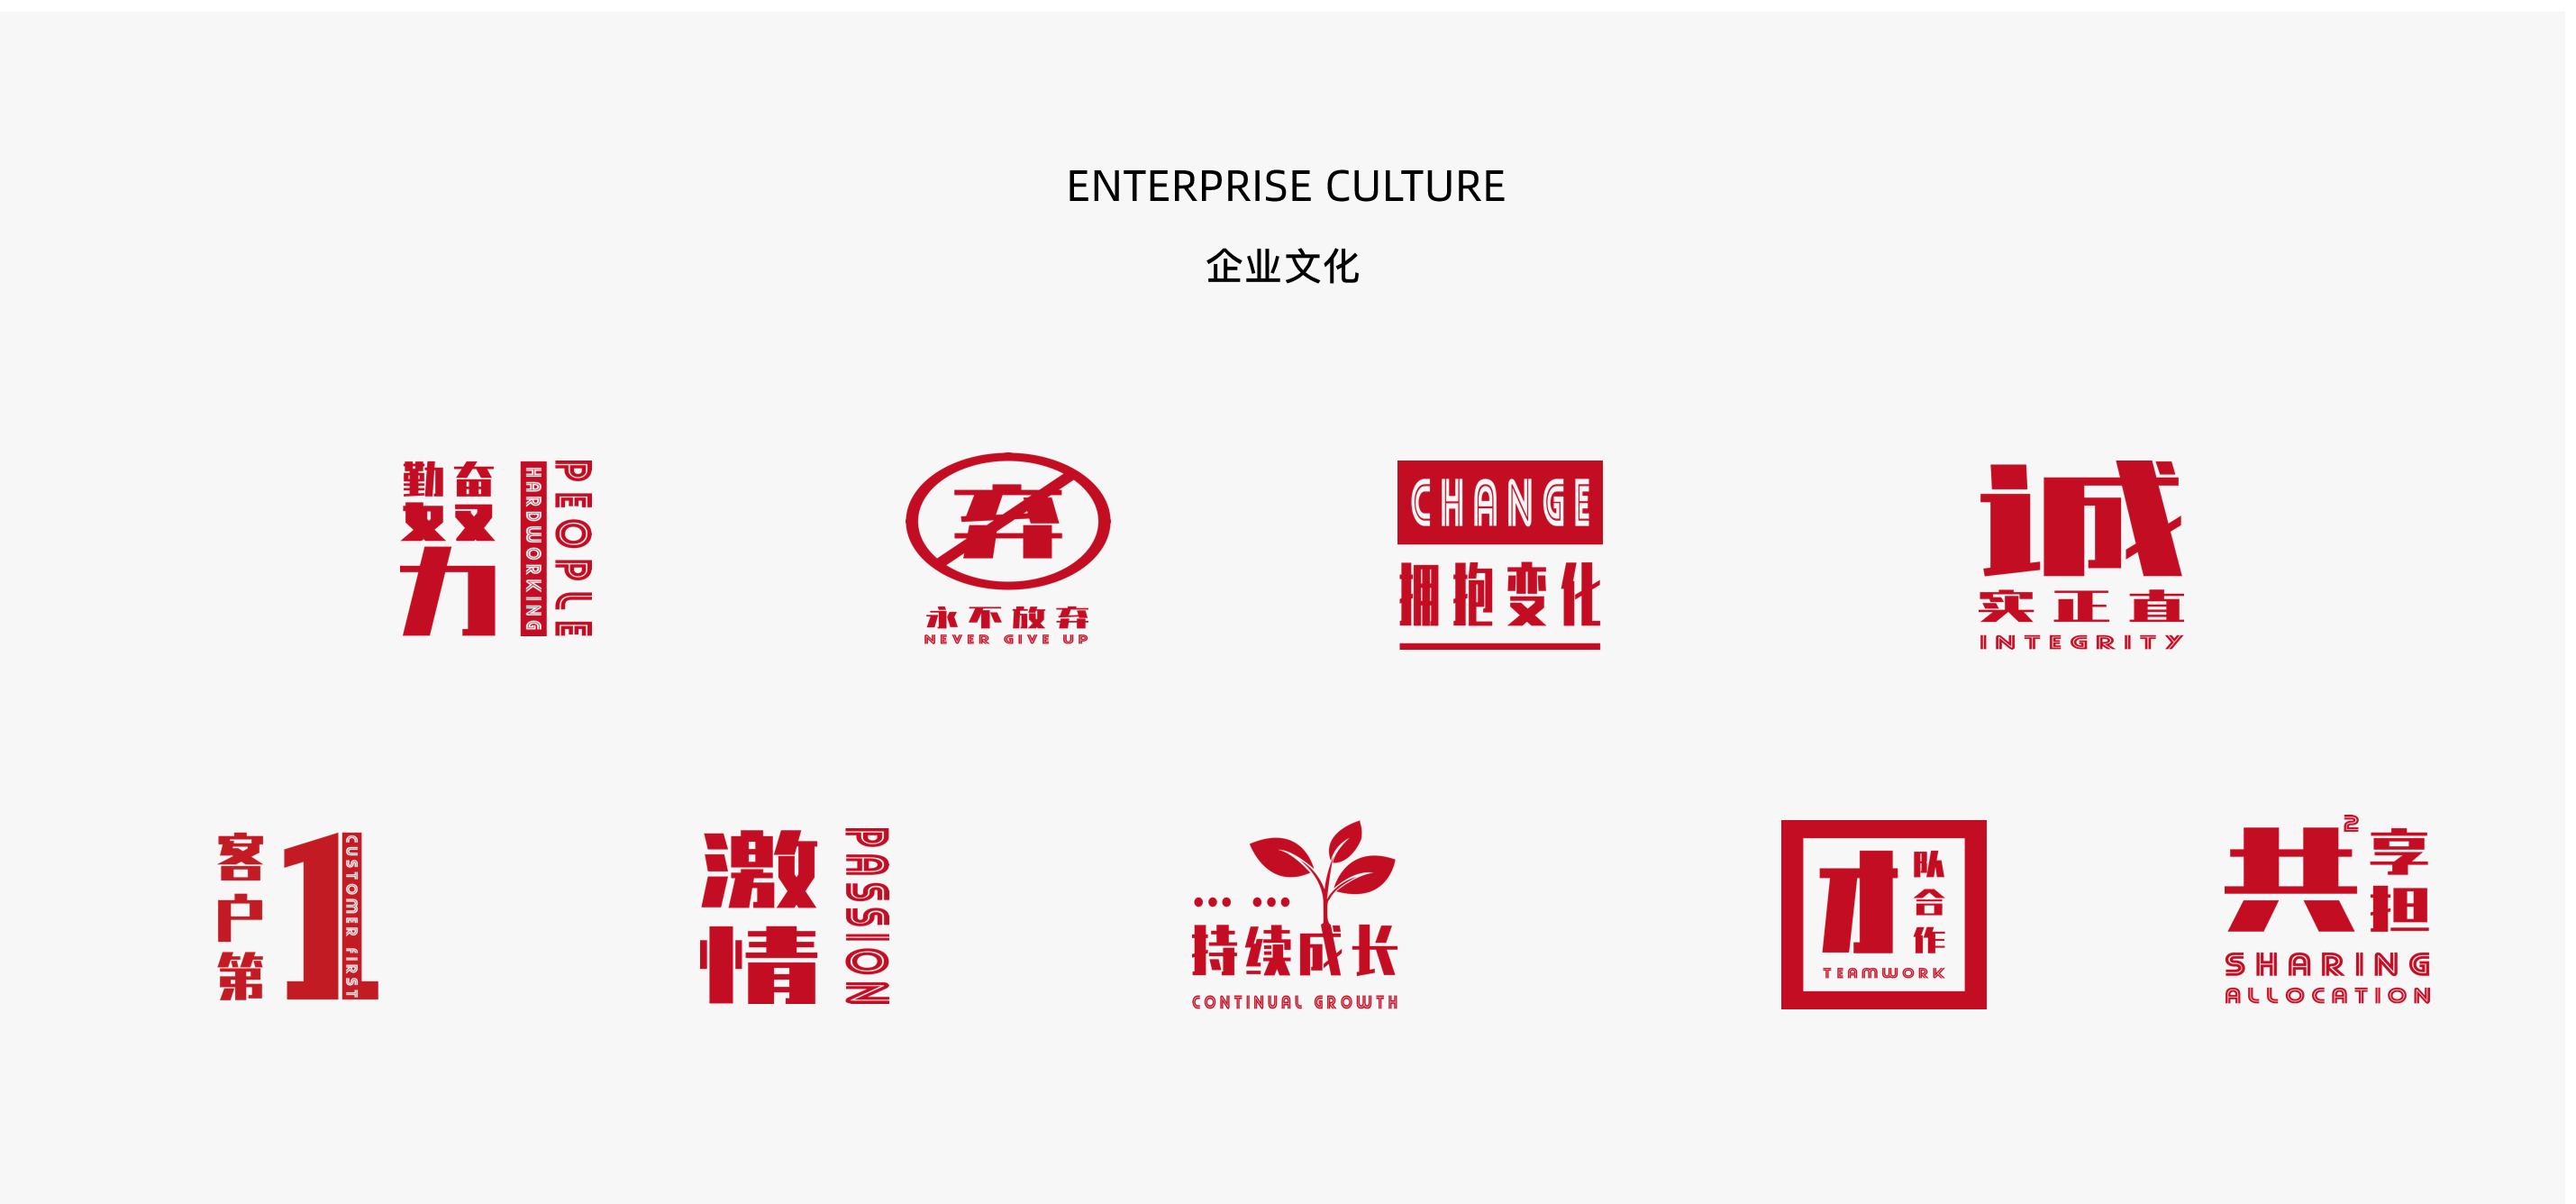 http://qiniu.zhaojiafang.com/data/upload/shop/article/QN06836605098468566.png